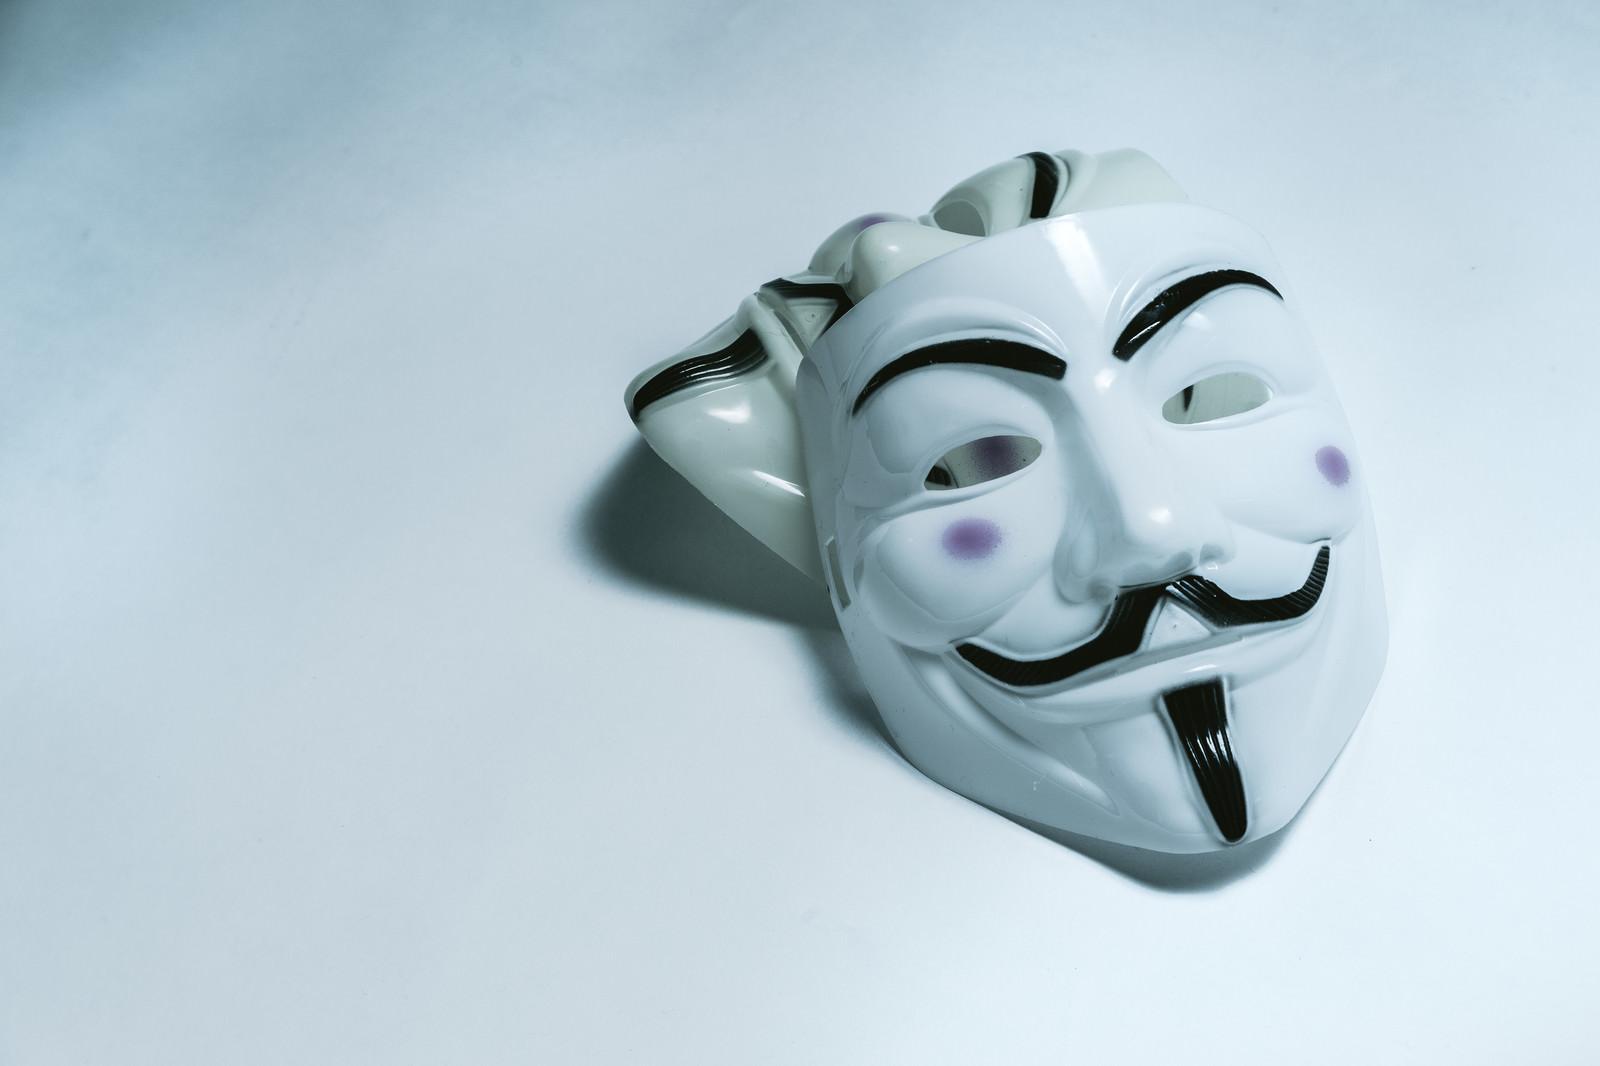 「匿名社会(匿名な仮面)匿名社会(匿名な仮面)」のフリー写真素材を拡大